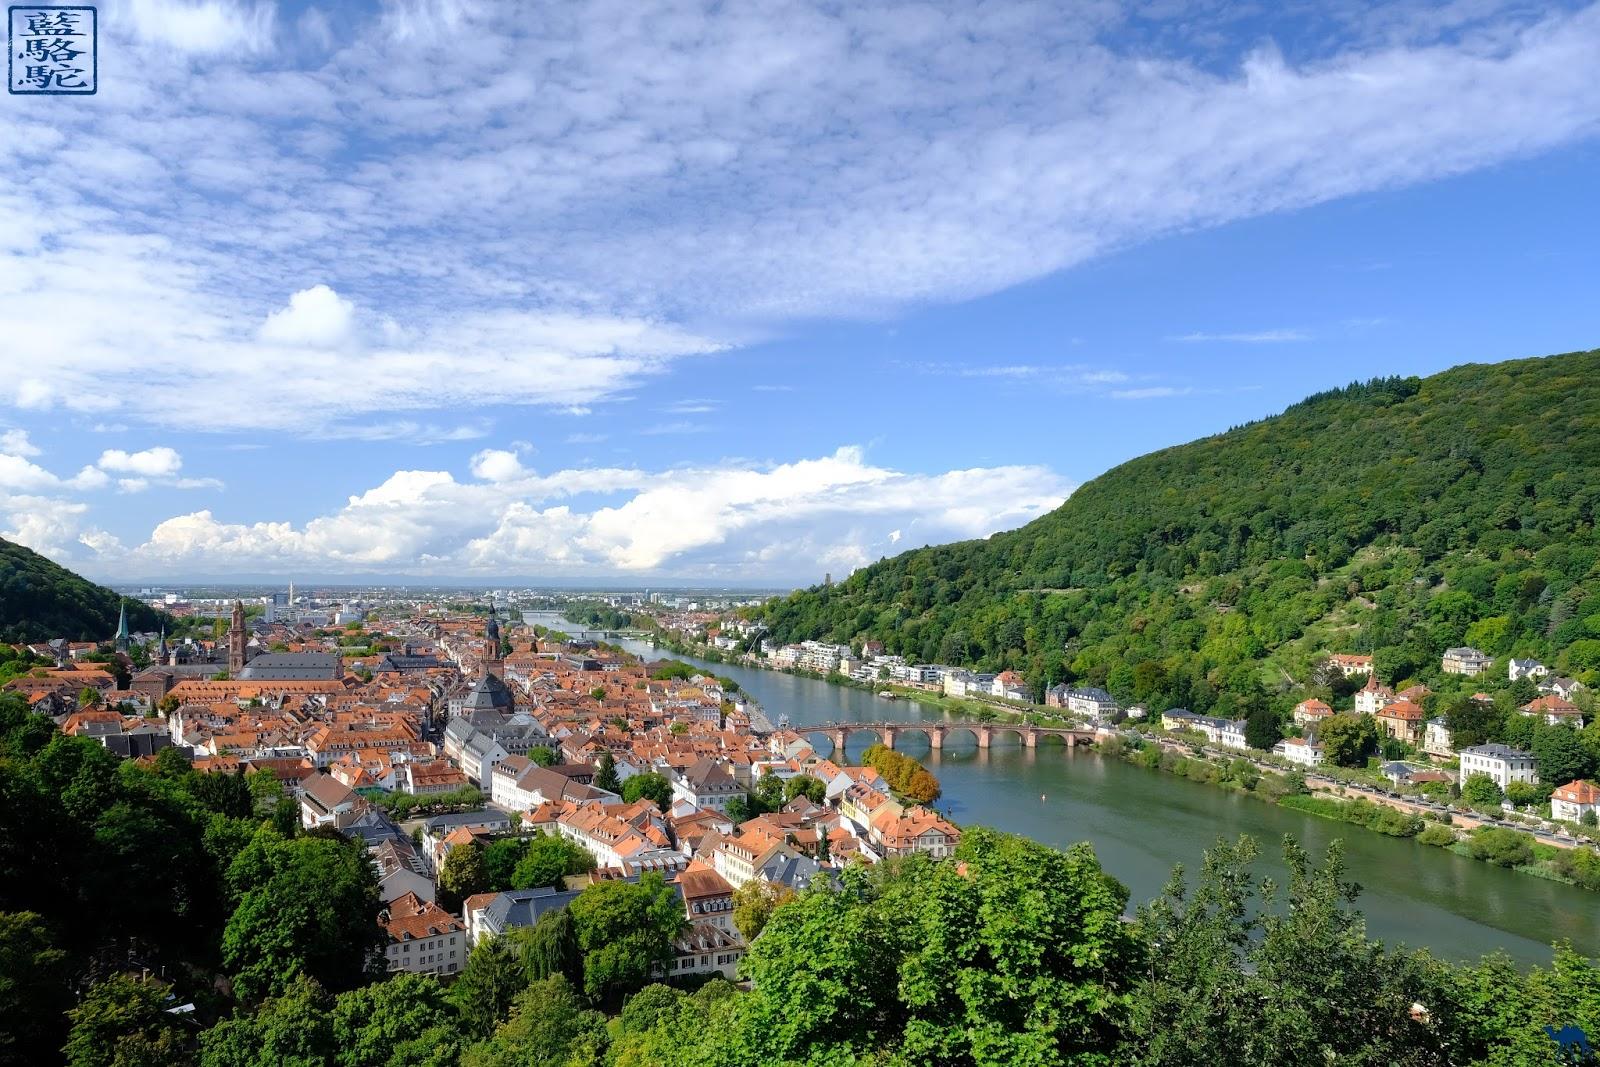 Le Chameau Bleu - Blog Voyage Heildeberg Allemagne -  Heidelberg - Germany